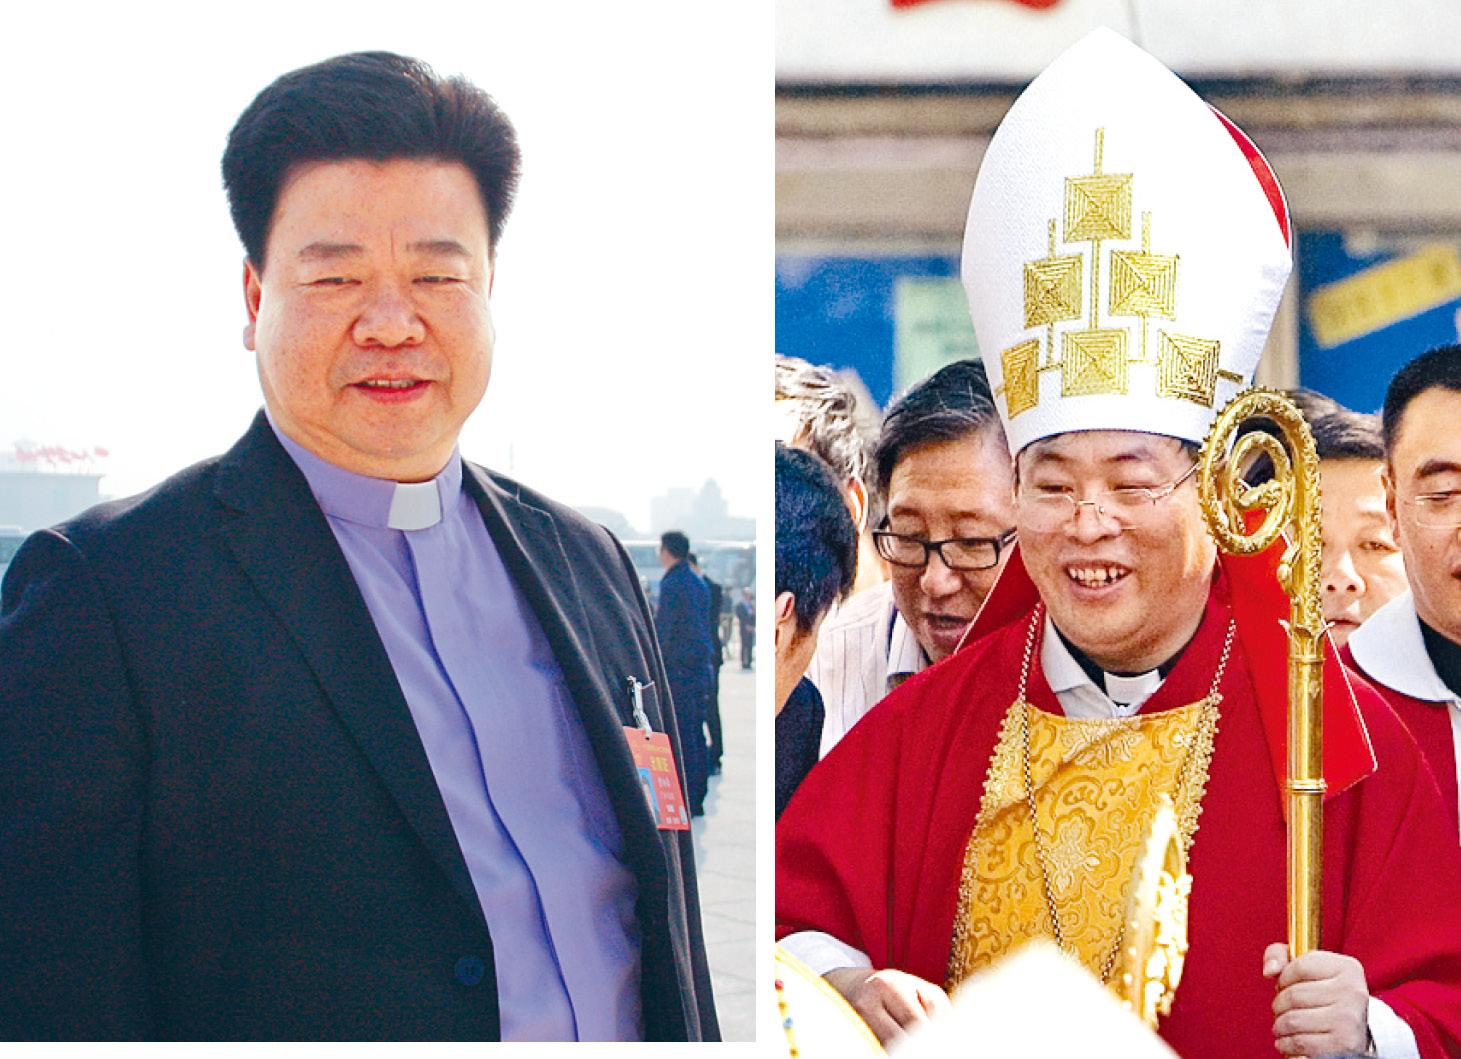 天主教愛國會副主席黃炳章(左)及北京主教李山(右)。資料圖片